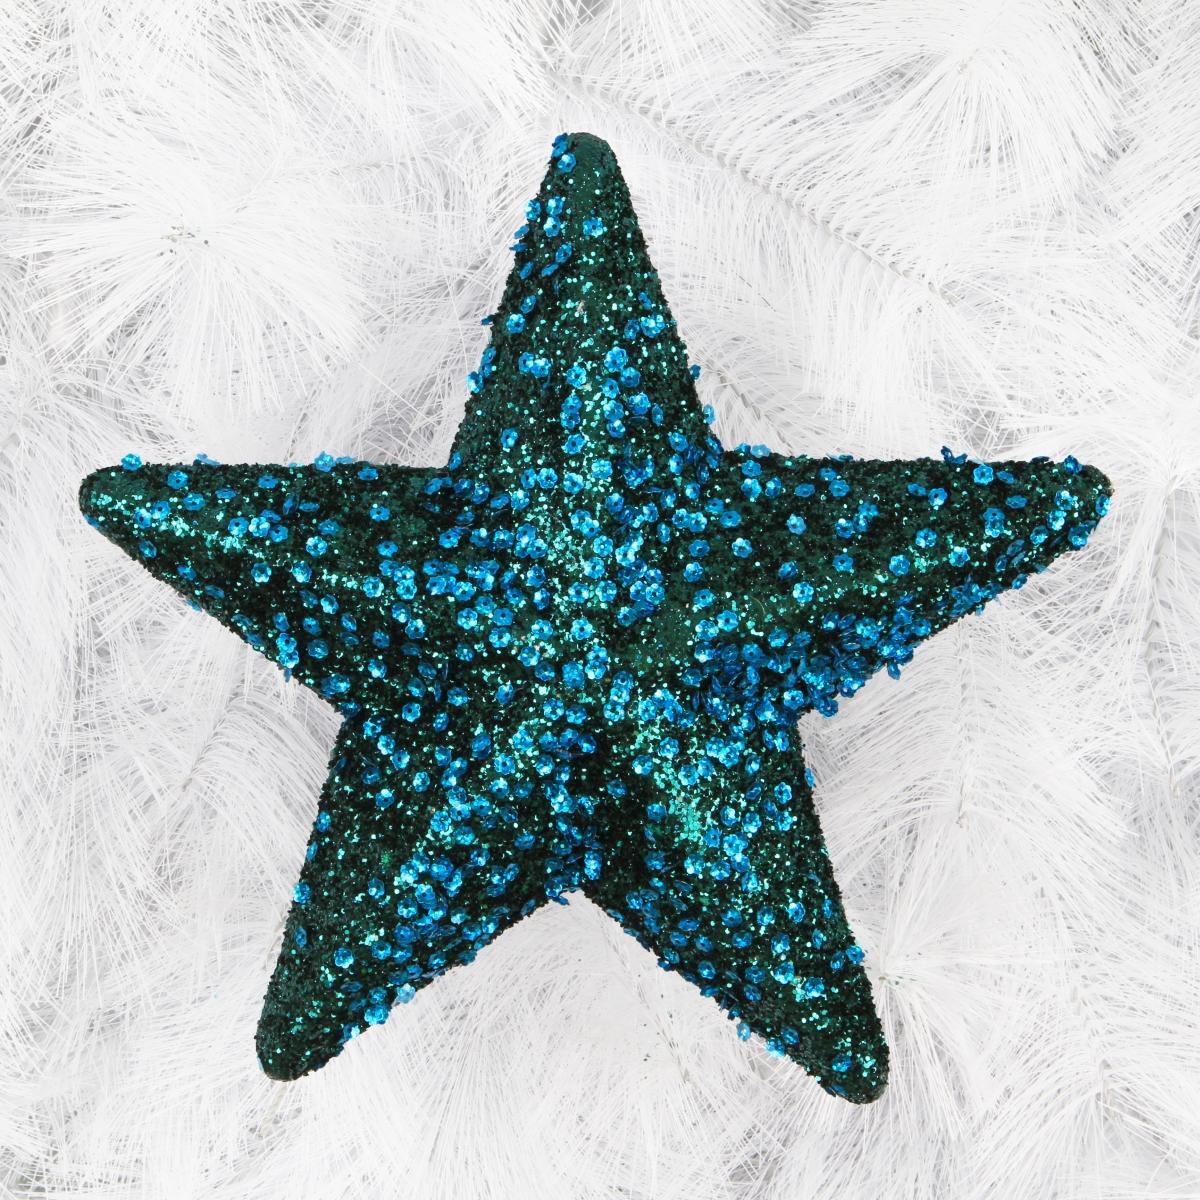 Velká 25 cm hvězda do okna, zdobená pajetkami